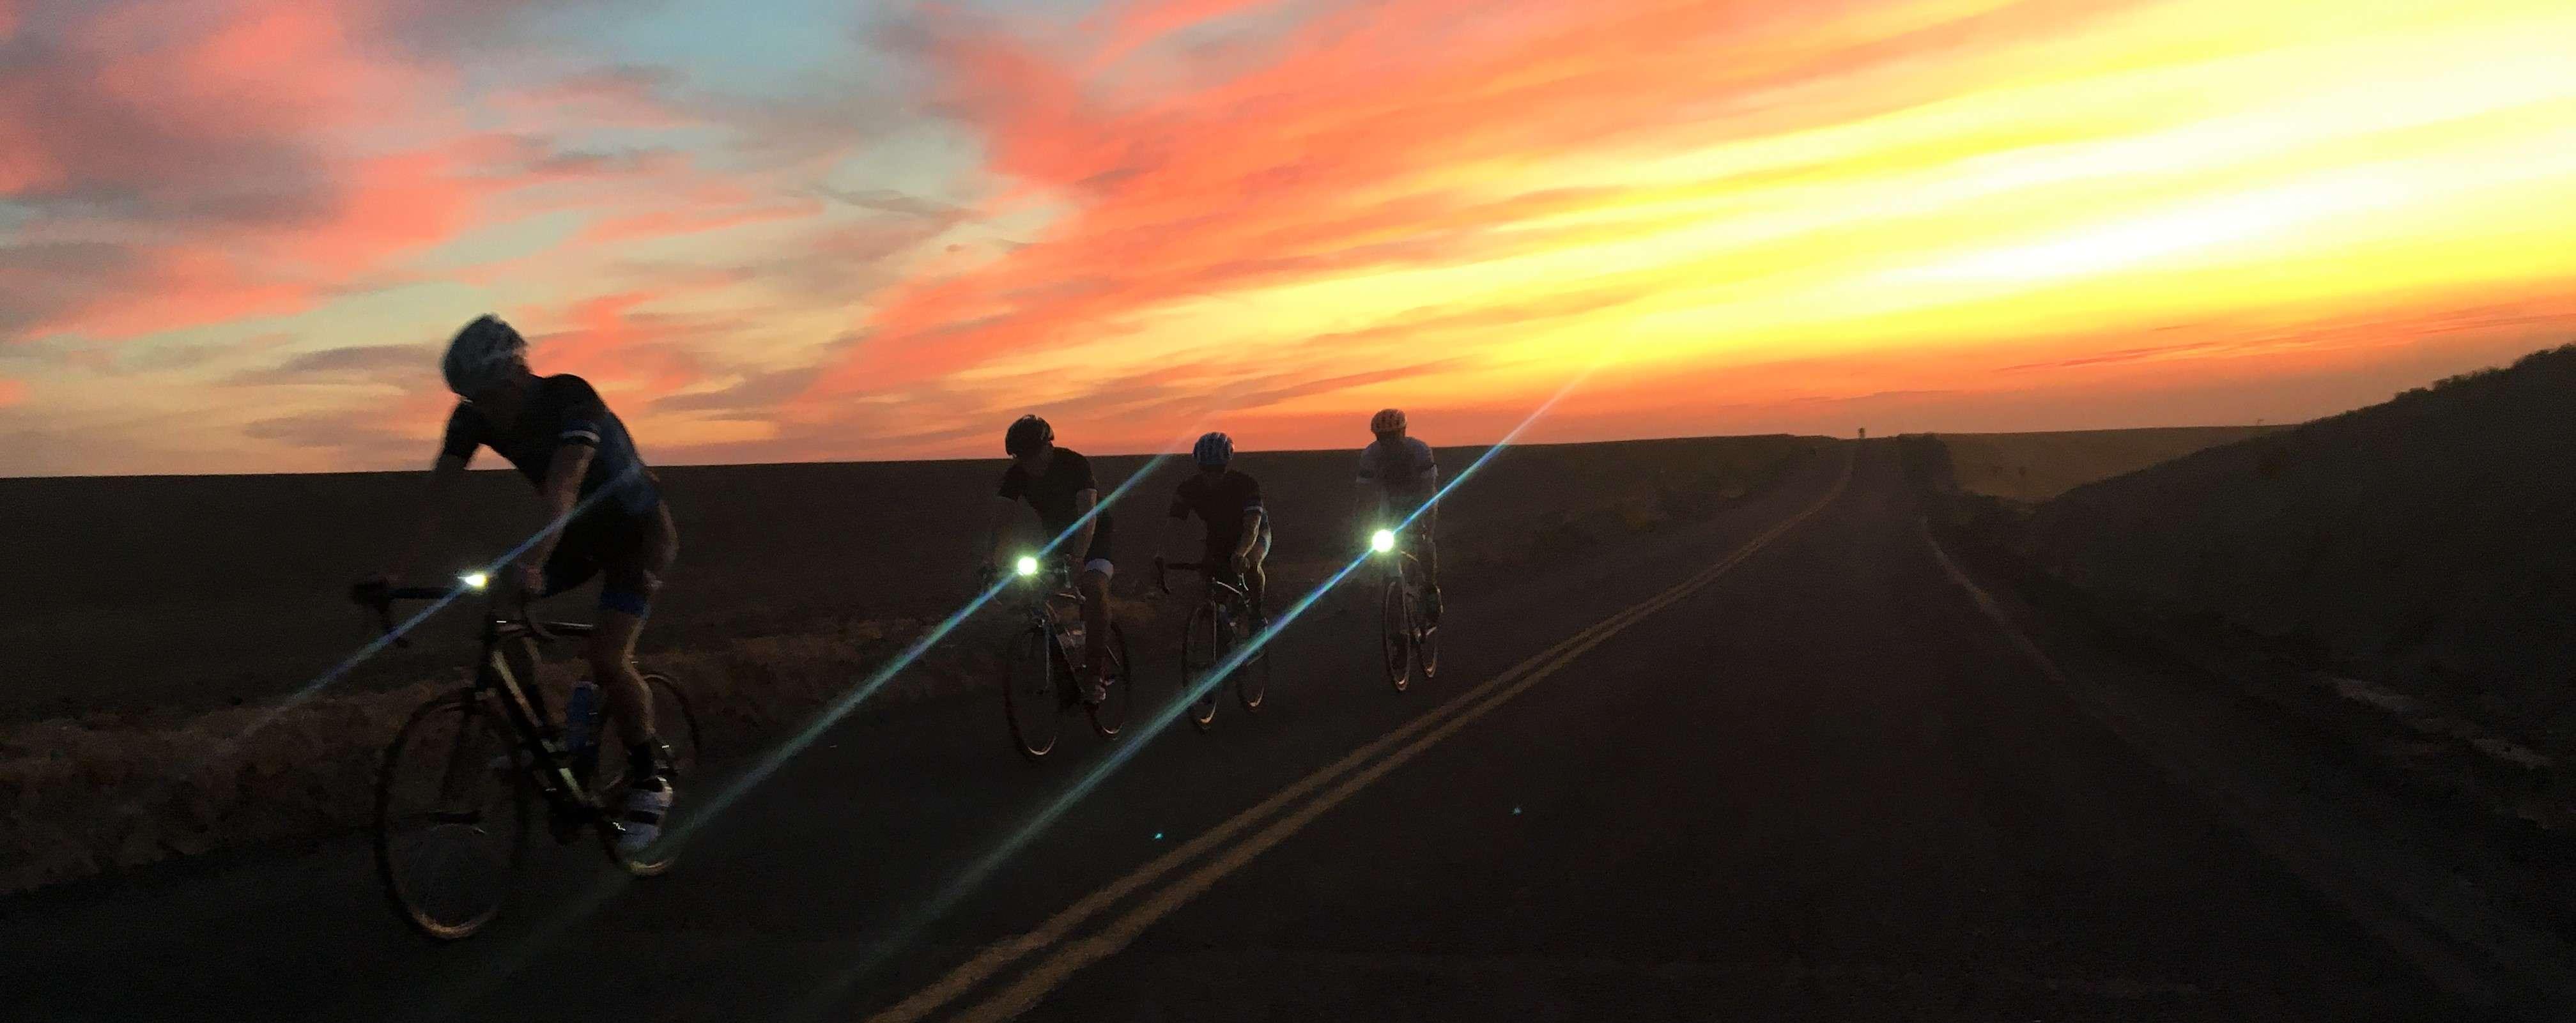 Group ride at dusk